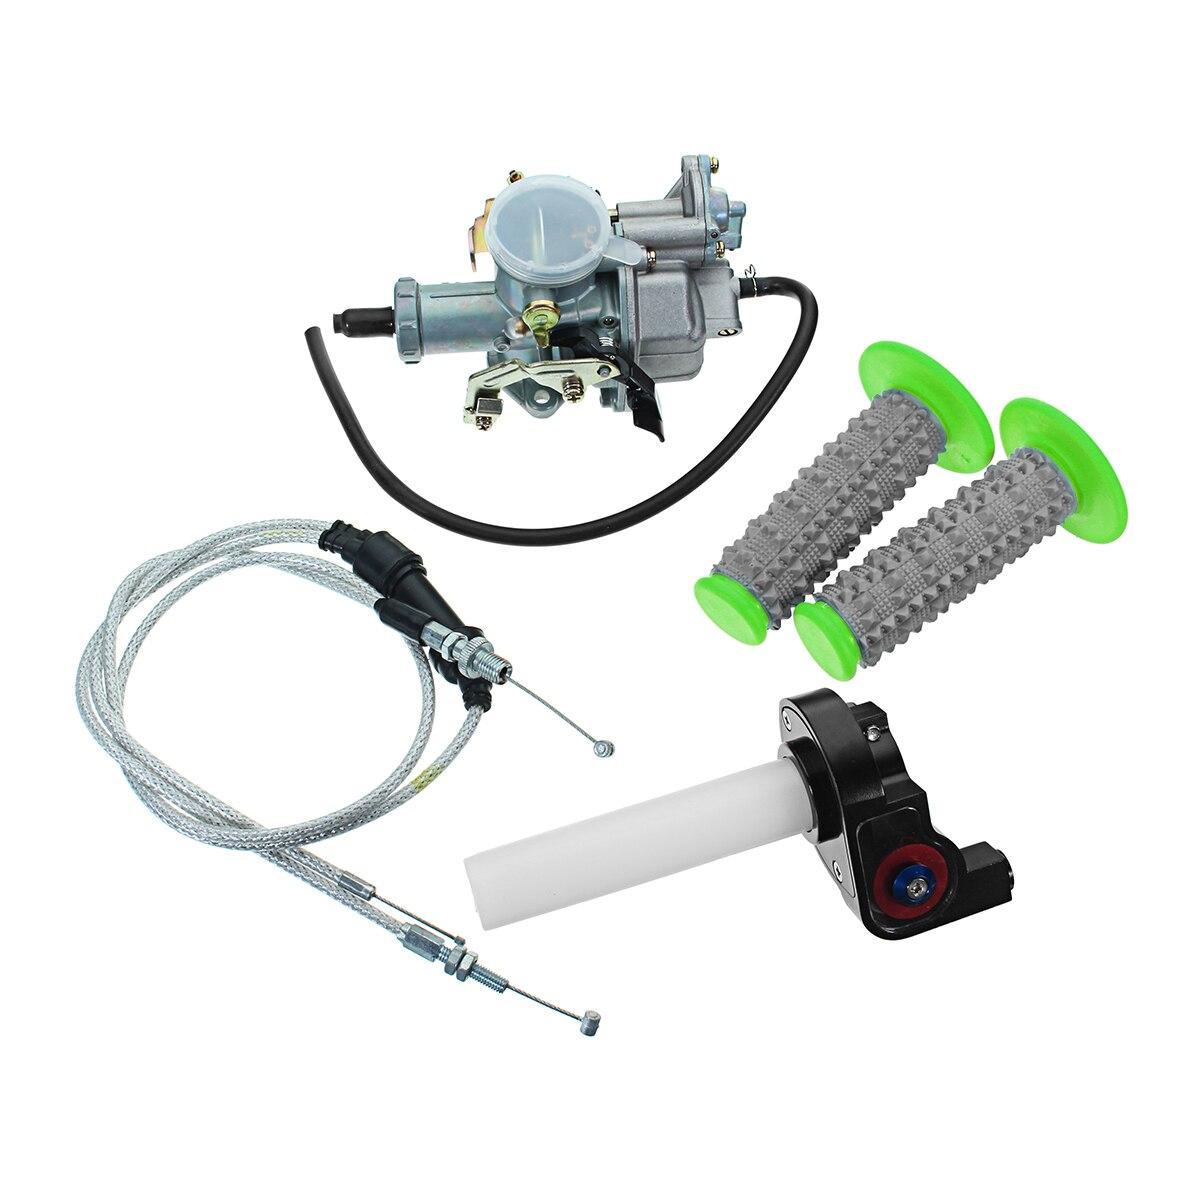 1 Kit d'alimentation en carburant pour moto 30mm carburateur + twister Visiable + câble + poignées pour Motocross moto 200cc 250cc